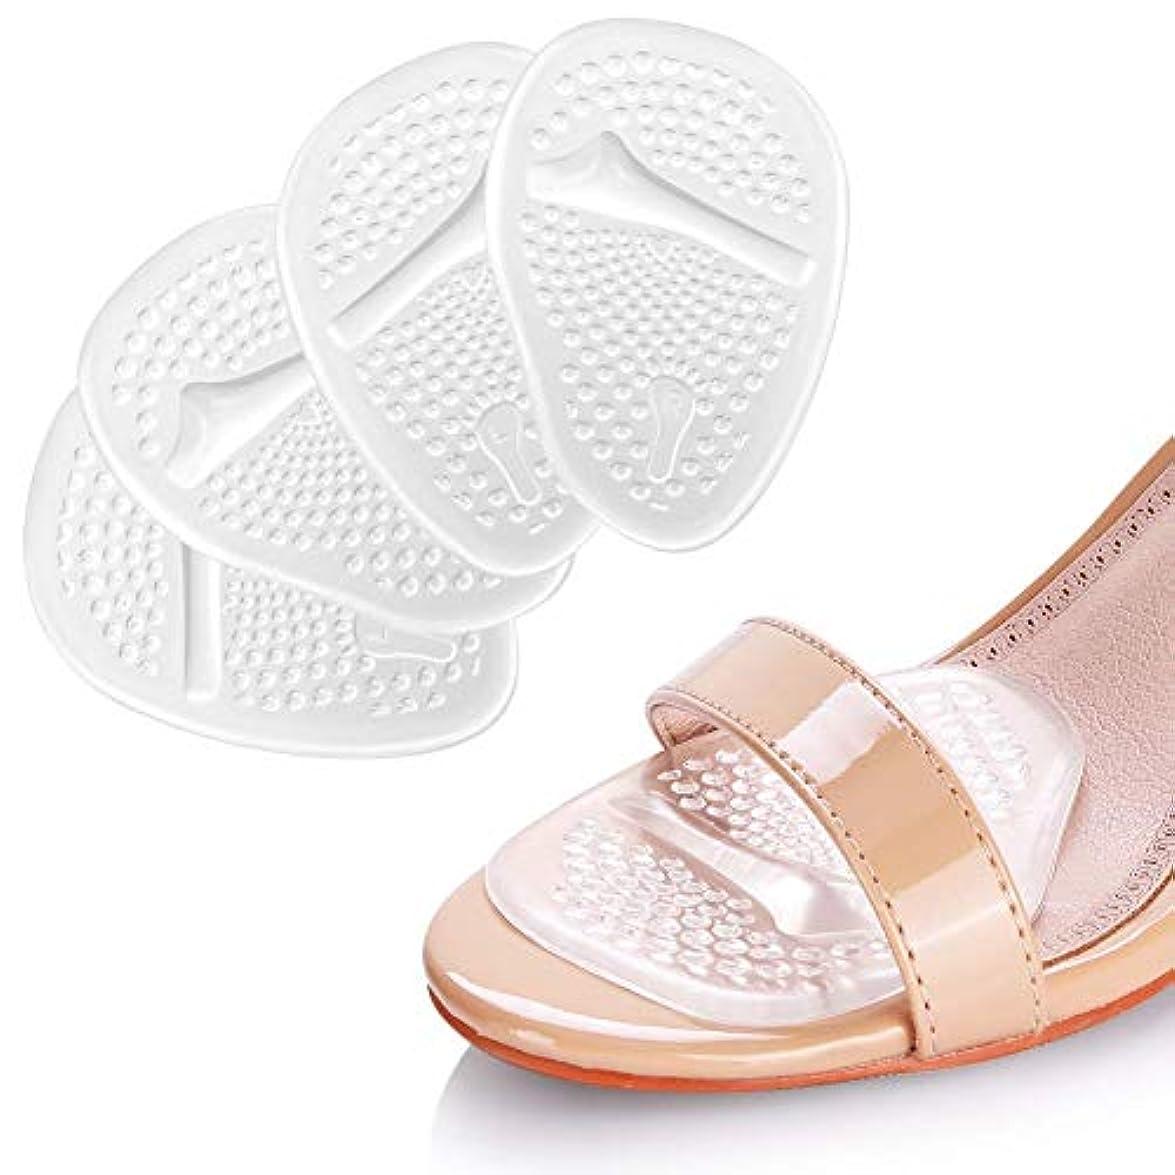 分類するステップ厳しい脛骨パッド、サッカーパッド、女性の脛骨パッド、女性の靴の中敷用の終日痛み緩和コンフォートコード(透明)